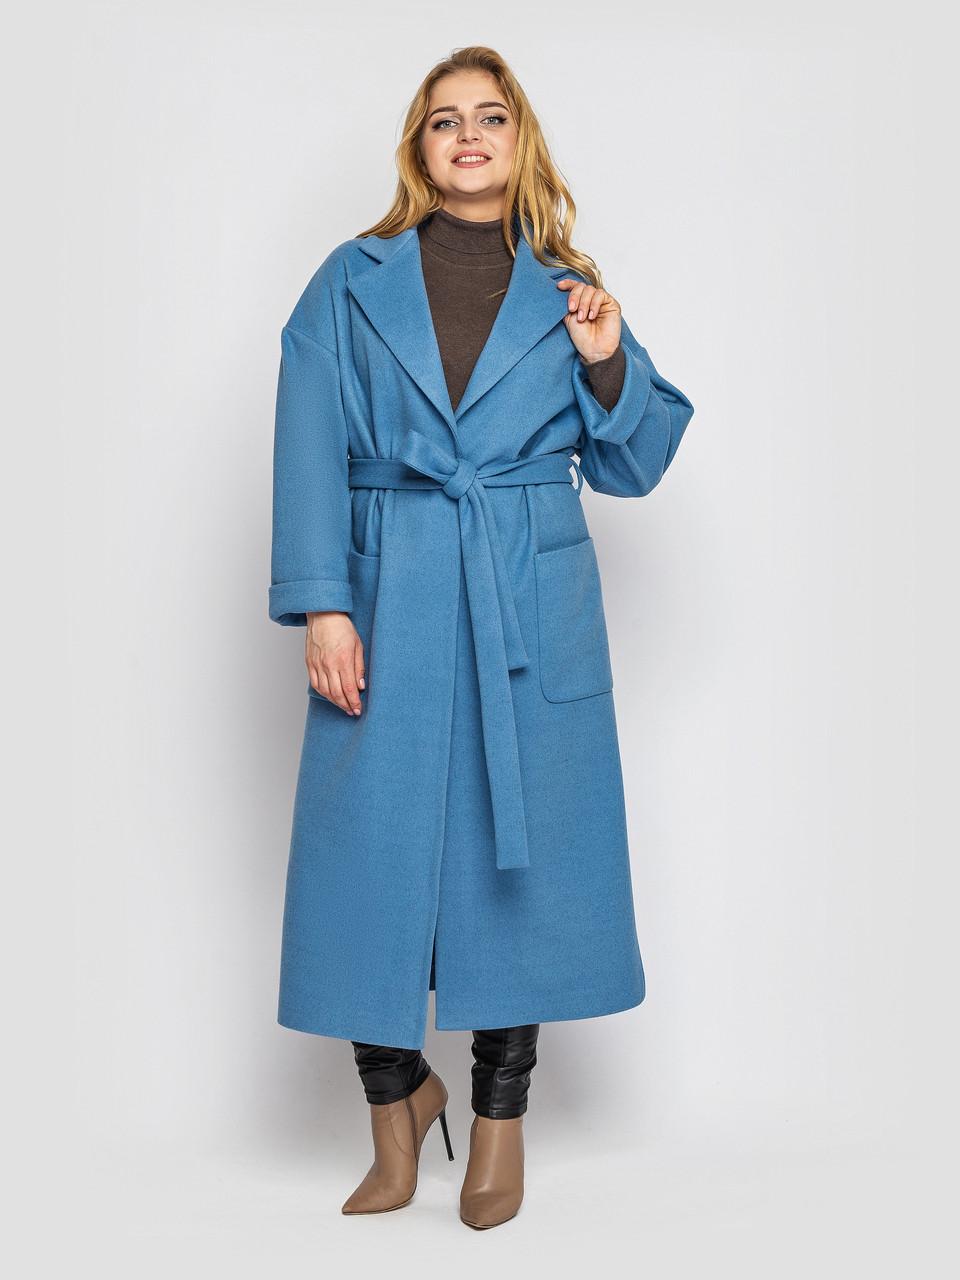 Пальто женское  свободного стиля Алеся деним Vlavi